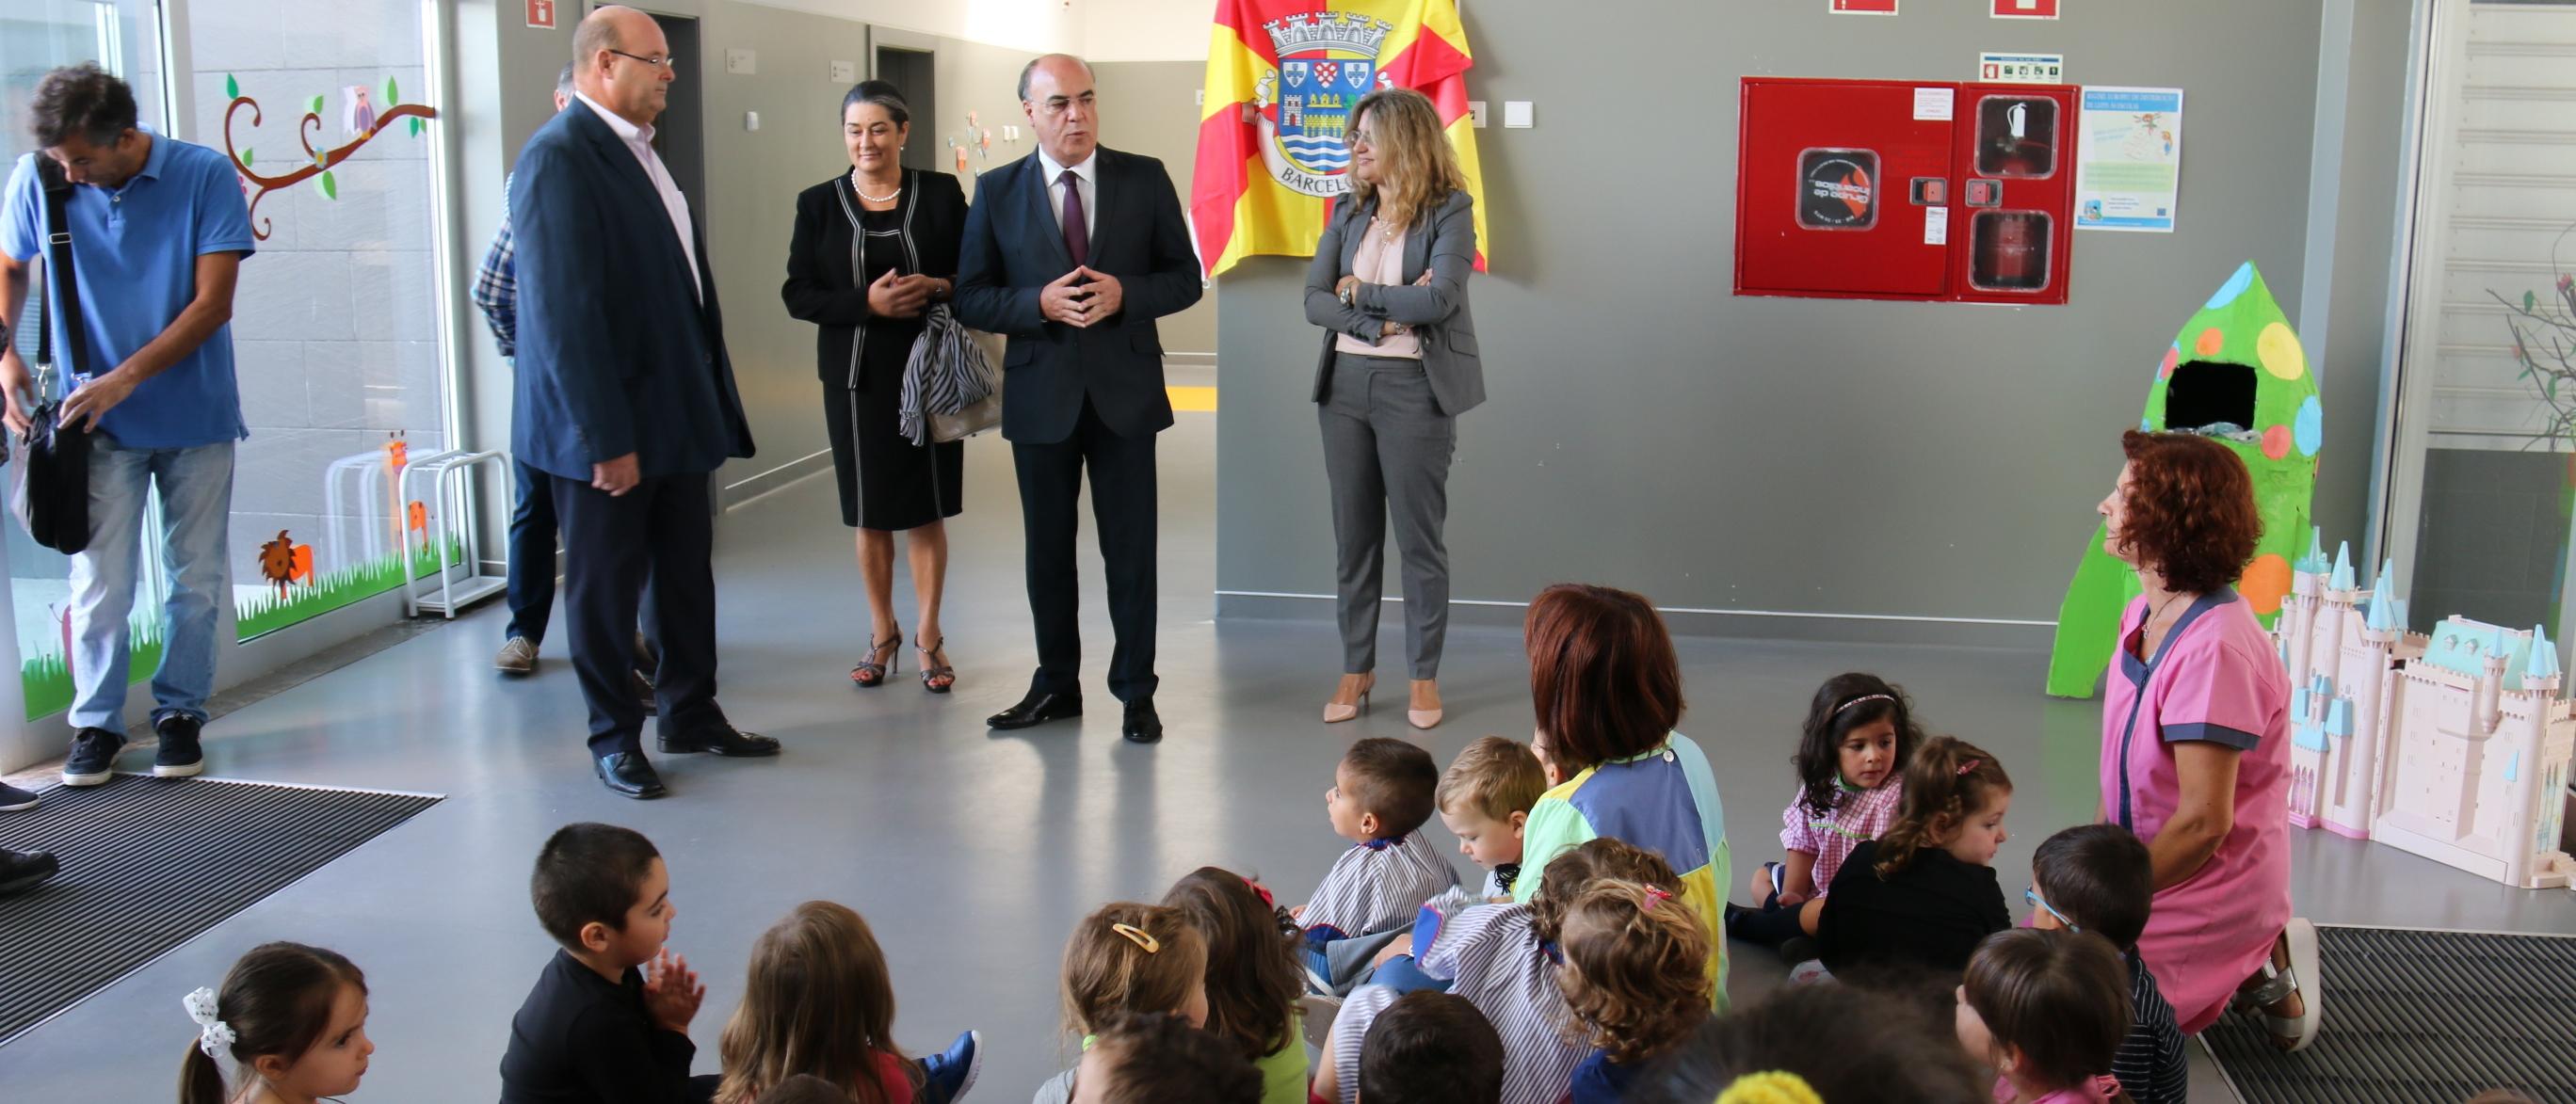 Investimentos de 4 milhões de euros na educação marcam início de novo ano letivo